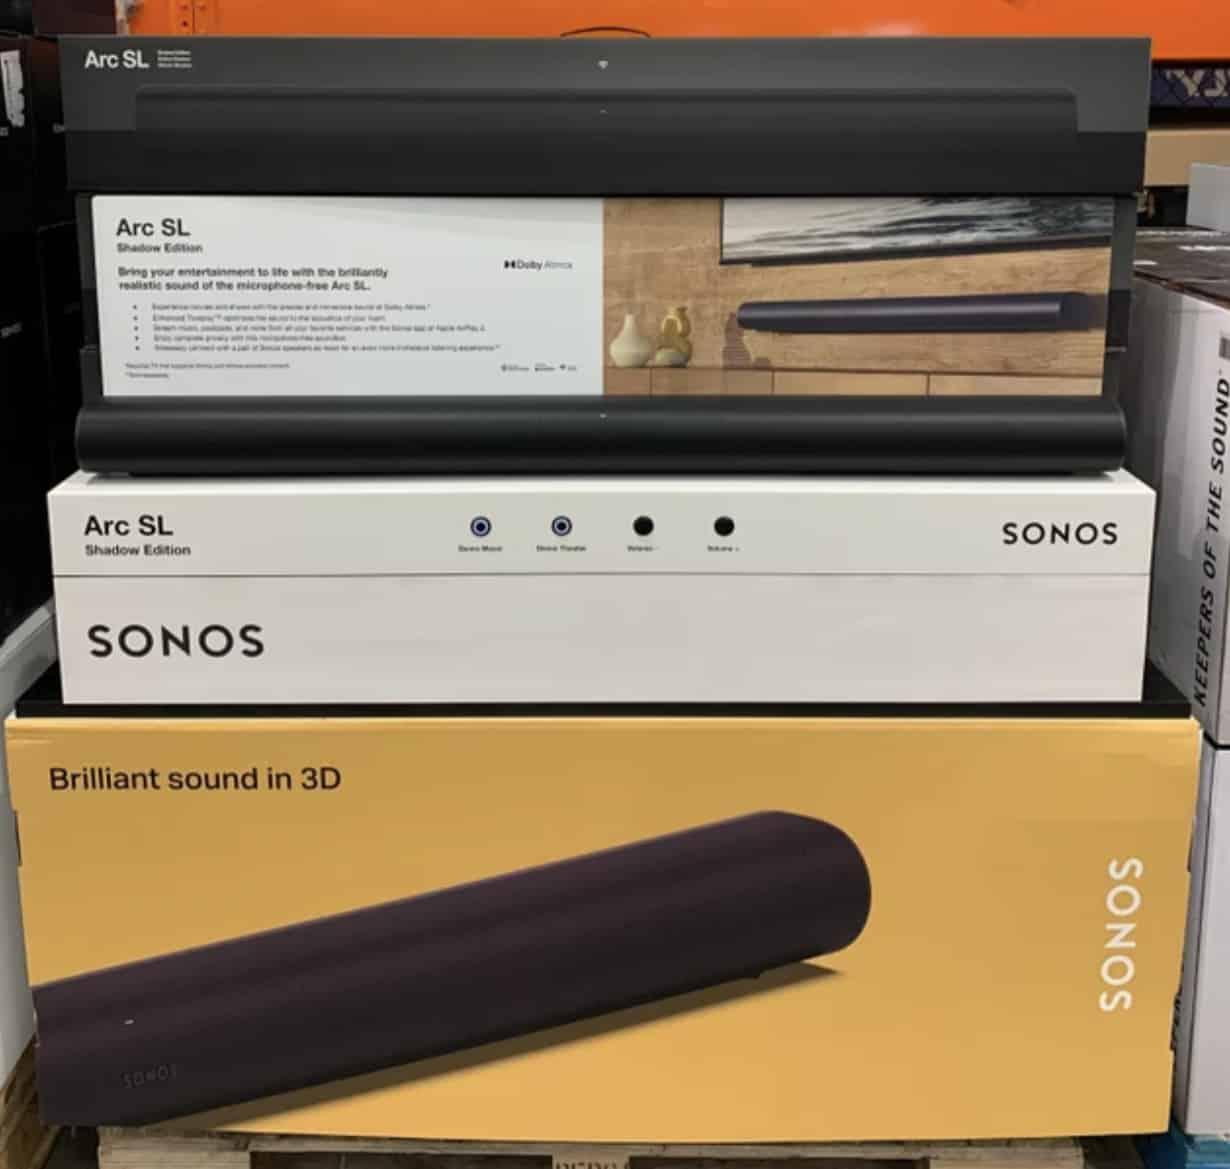 Sonos Arc SL